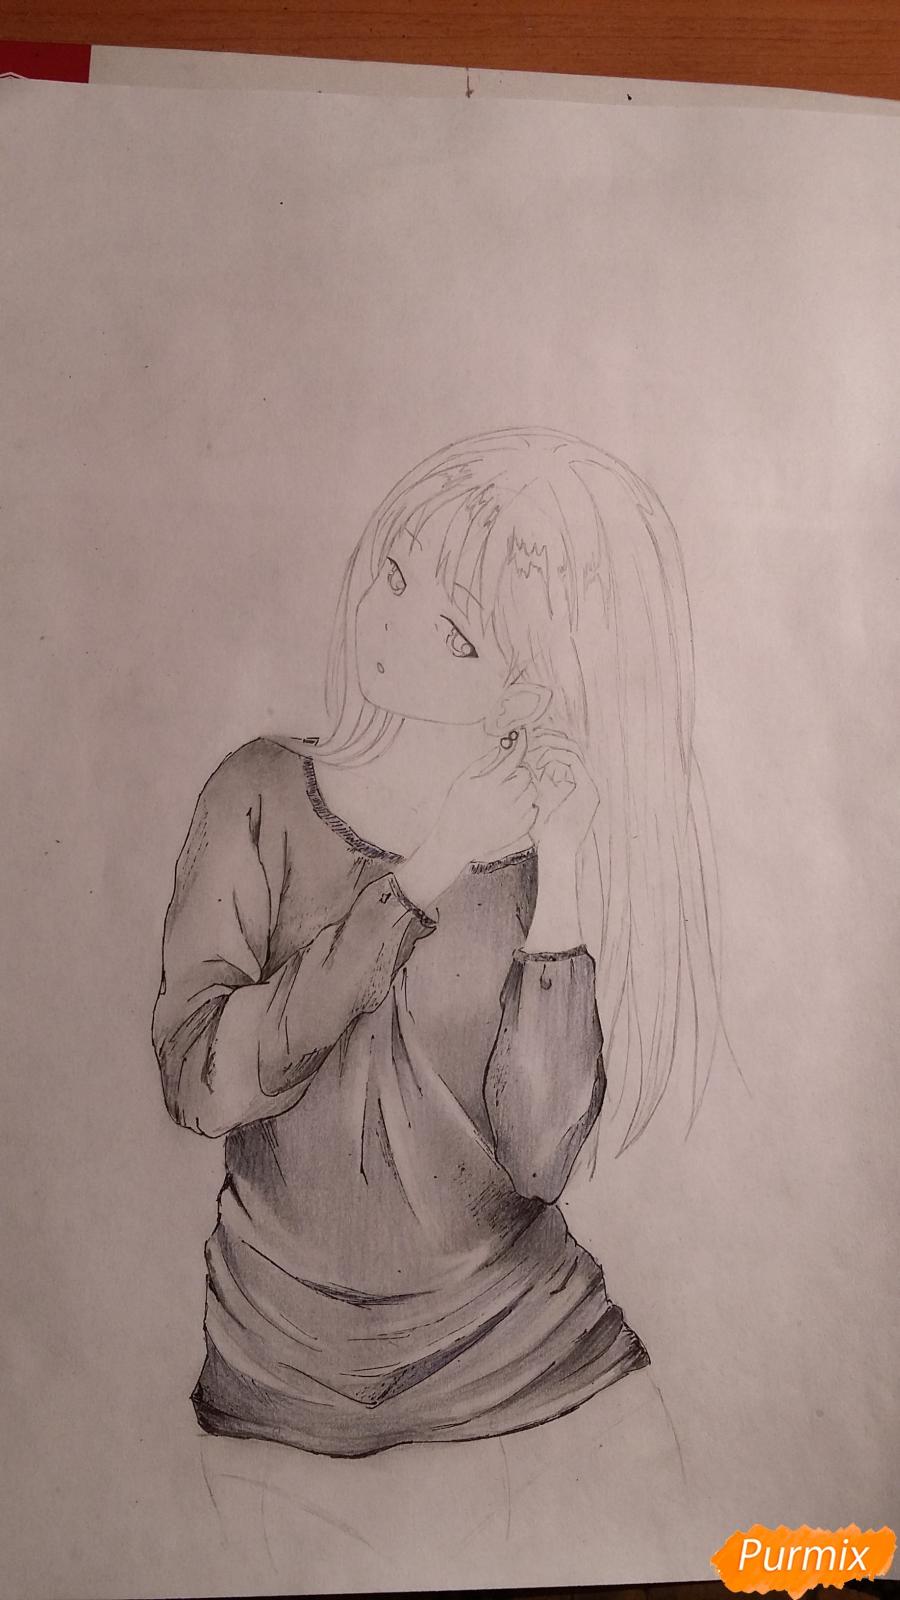 Рисуем милую девушку в аниме стиле карандашами - шаг 6